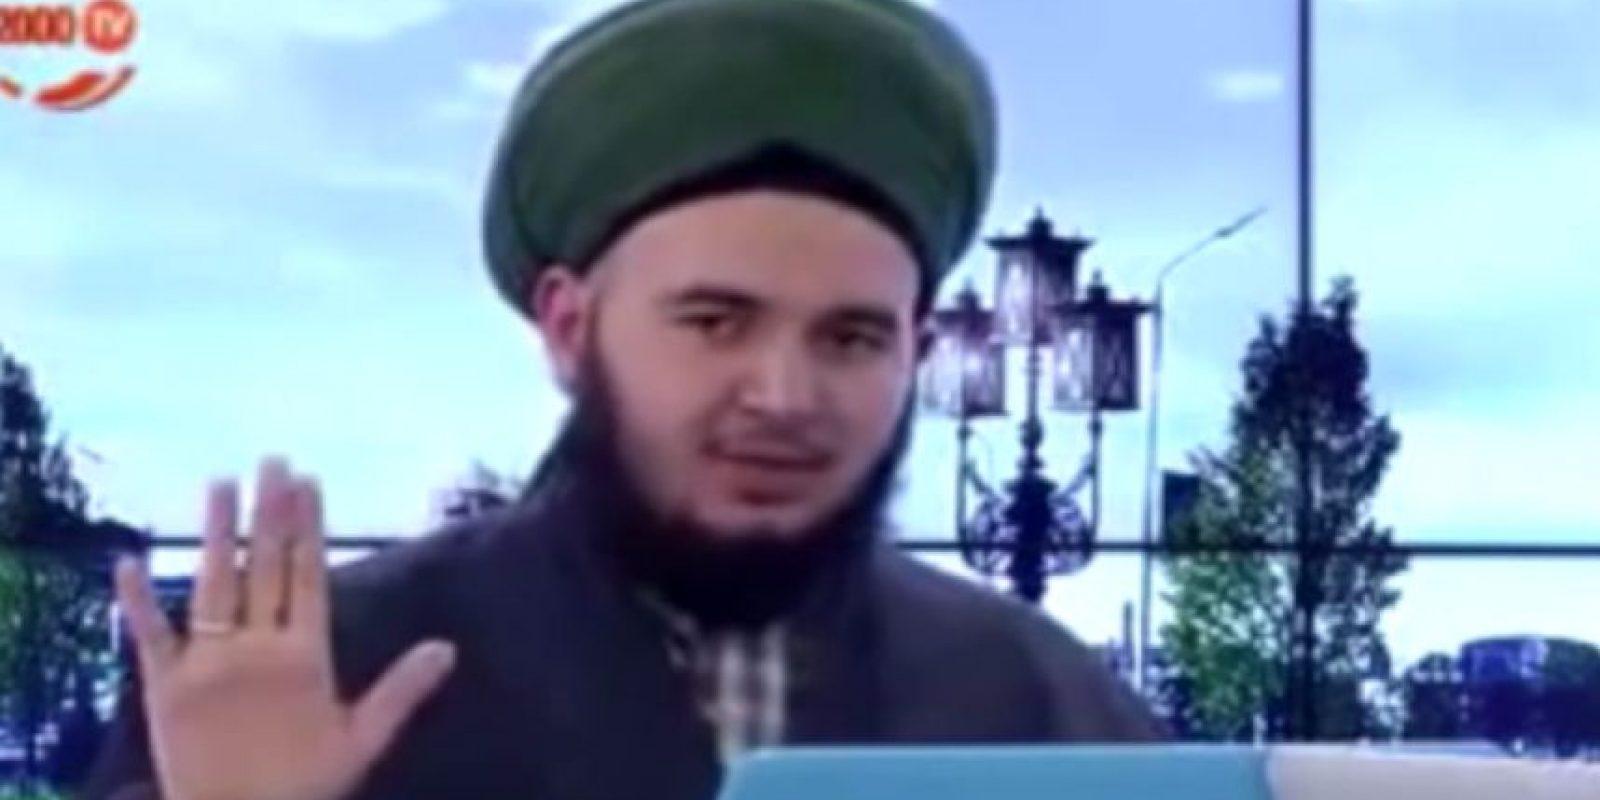 """El líder musulmán de origen turco, Mücahid Mihad San, ahora es ridiculizado por decir que la masturbación """"dejaría embarazadas las manos en el más allá"""". Foto:vía Youtube"""